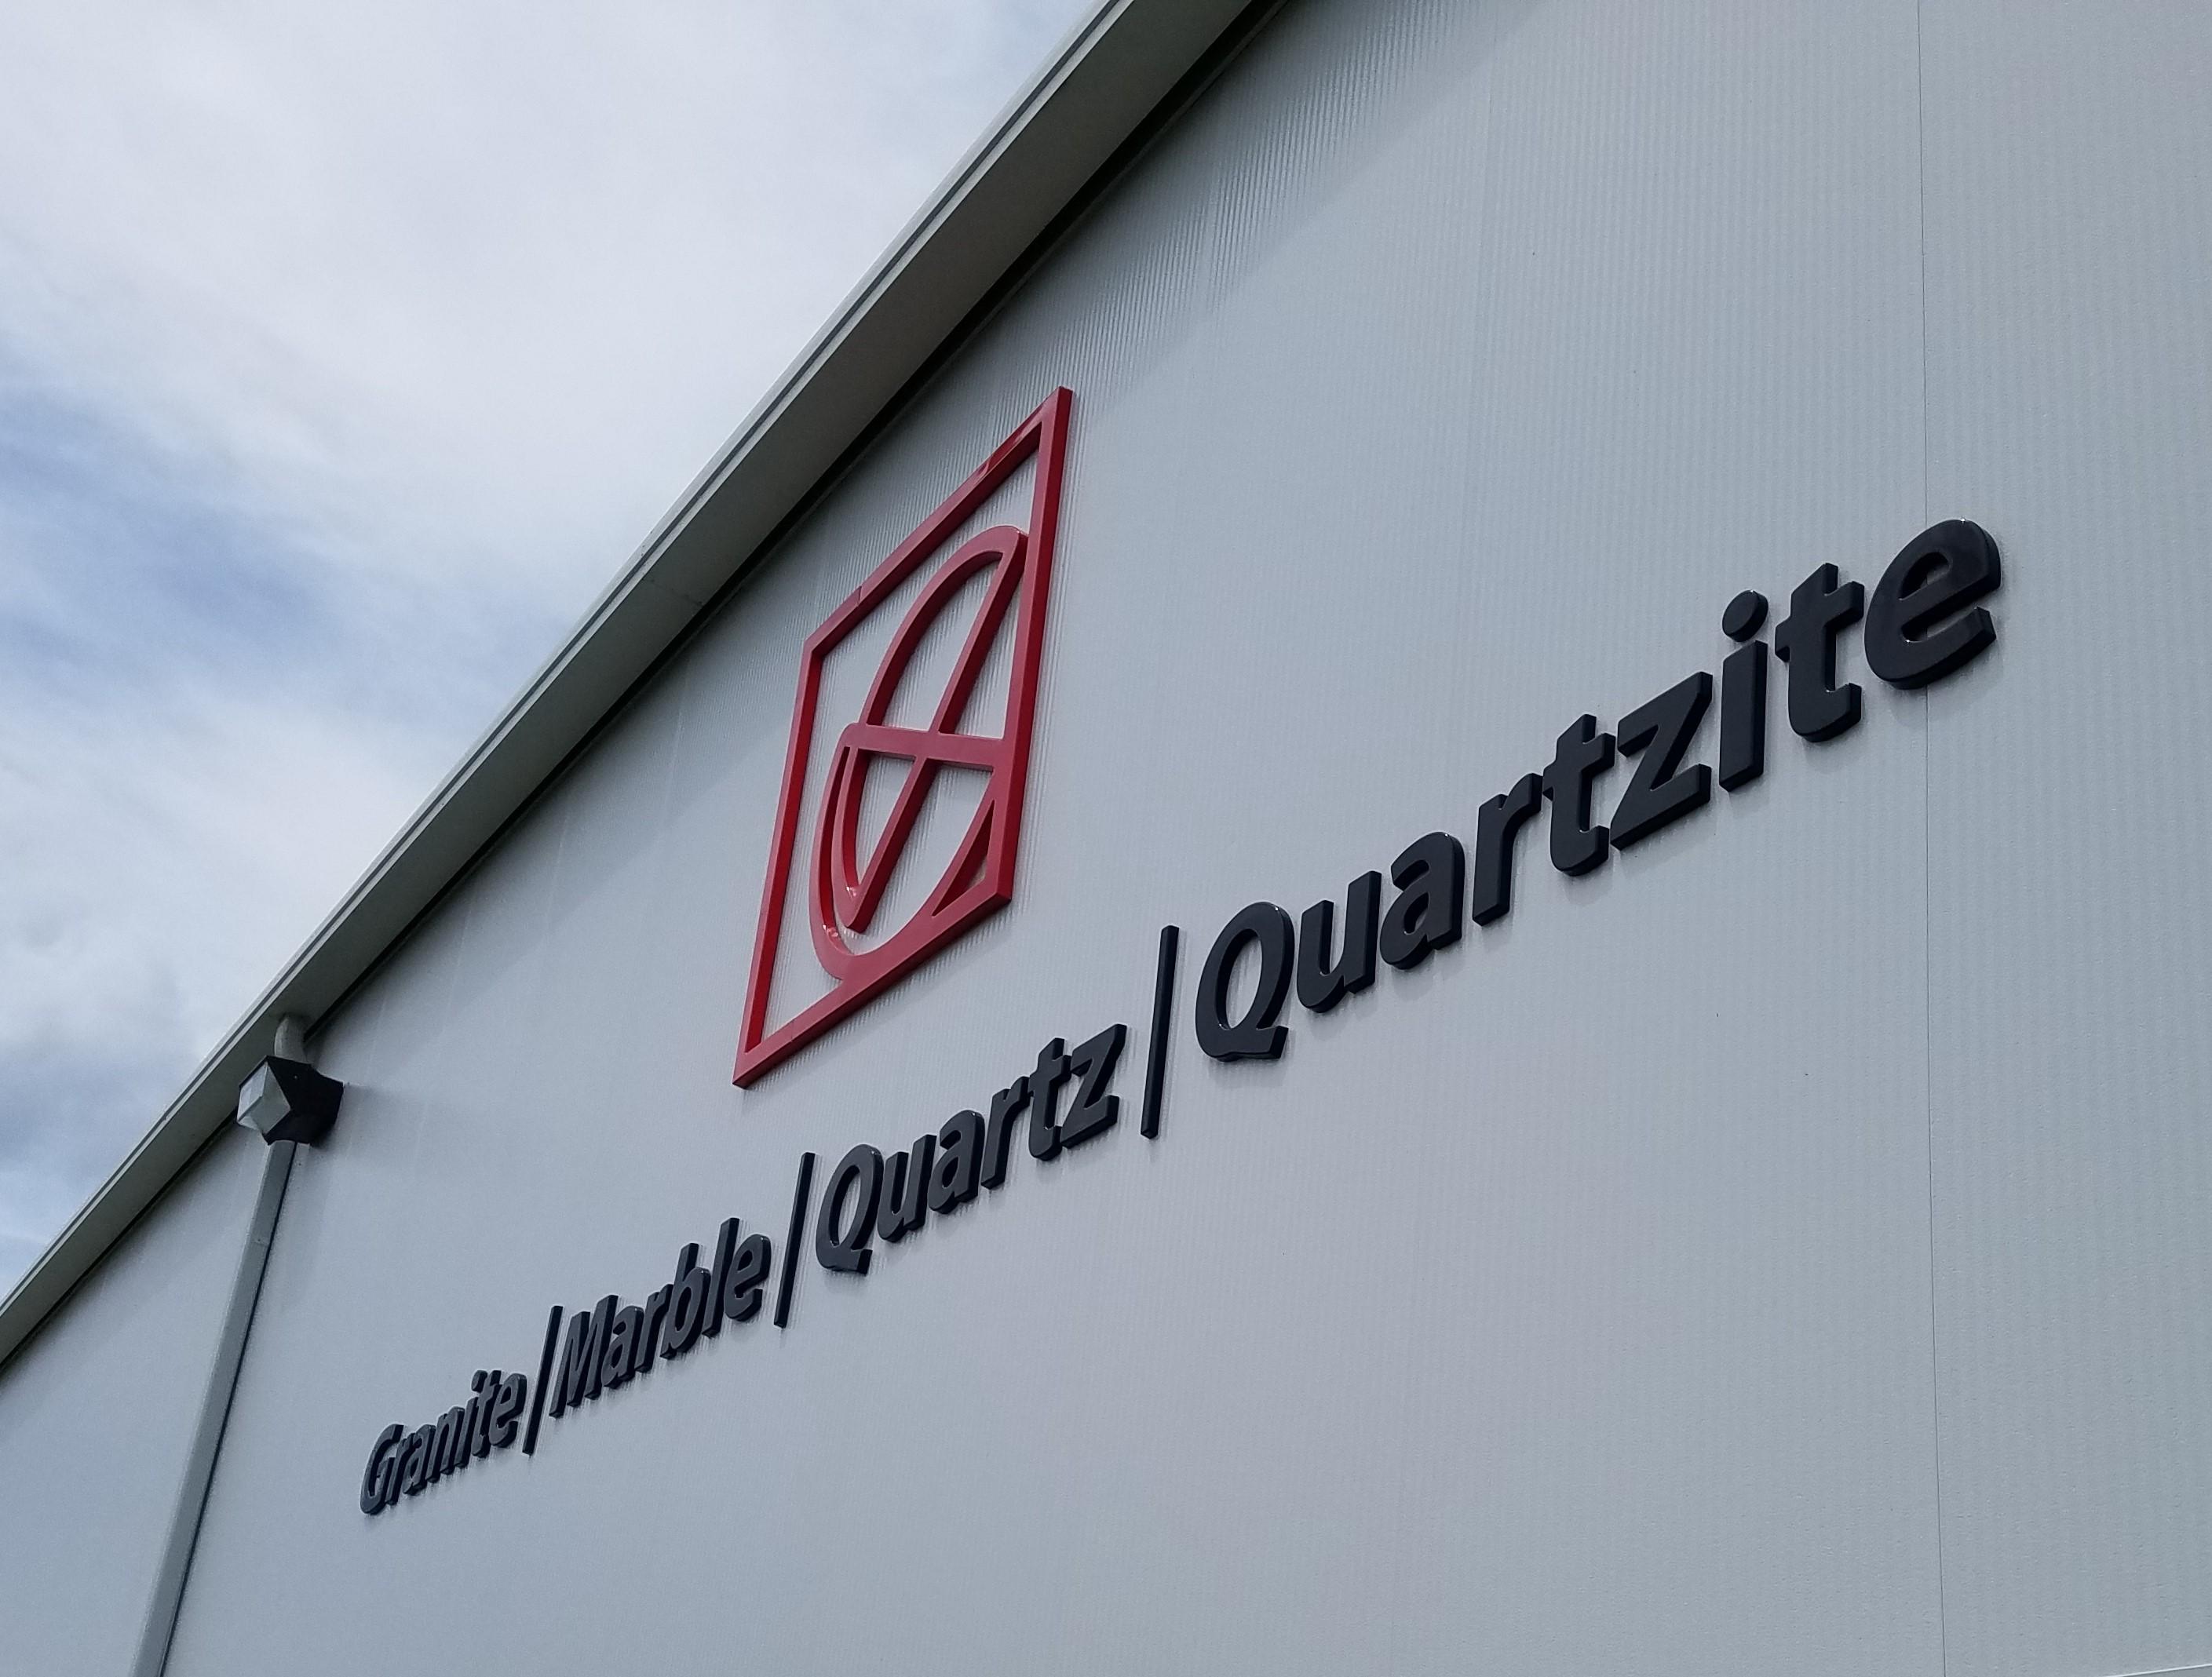 granite formed plastic letters